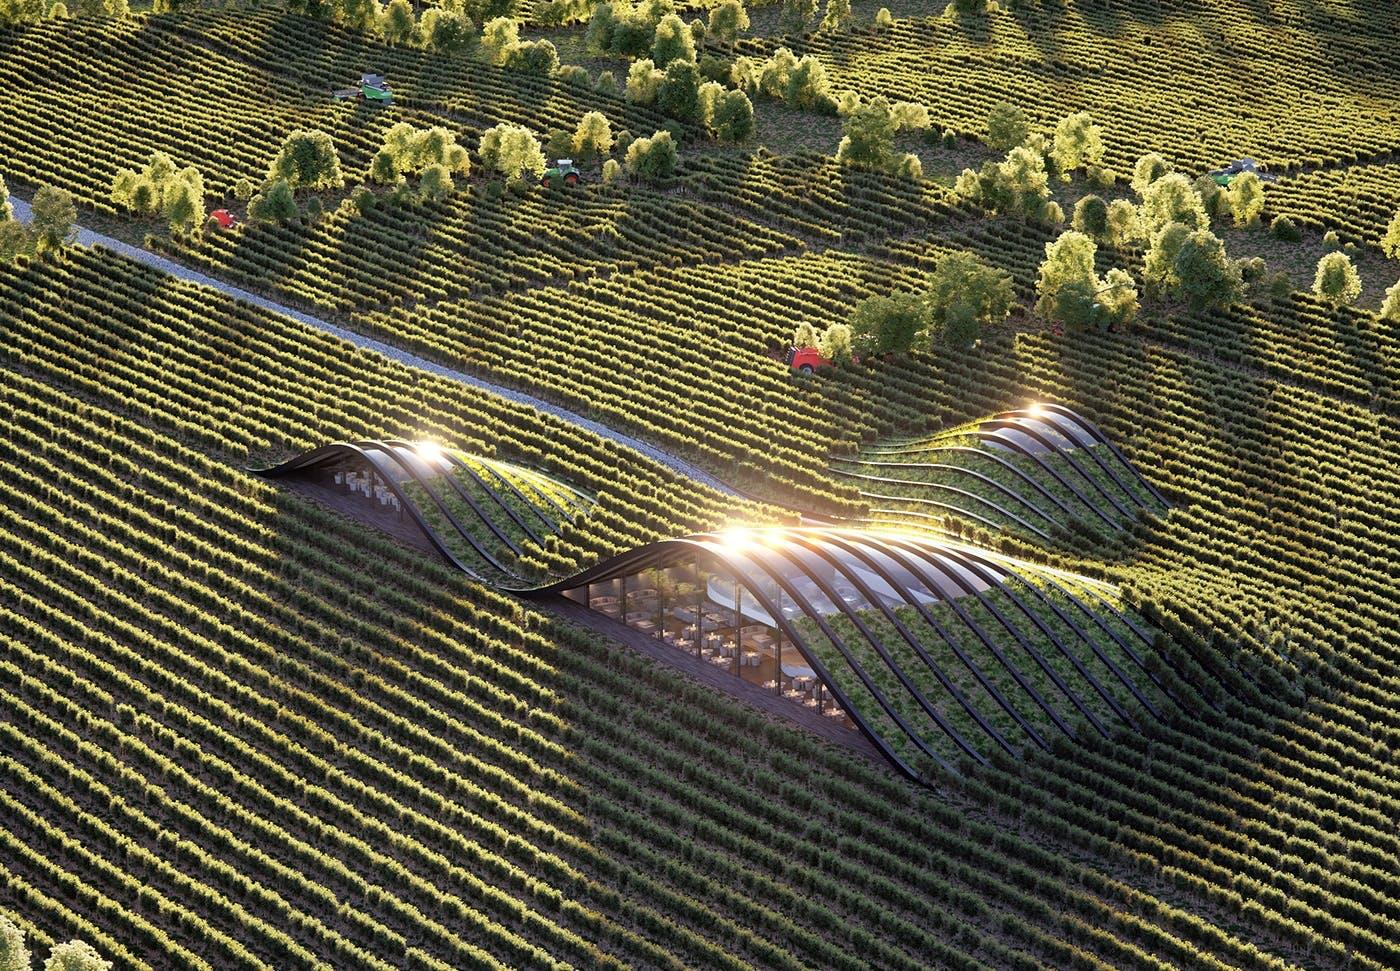 arkitektur vingård vinmark